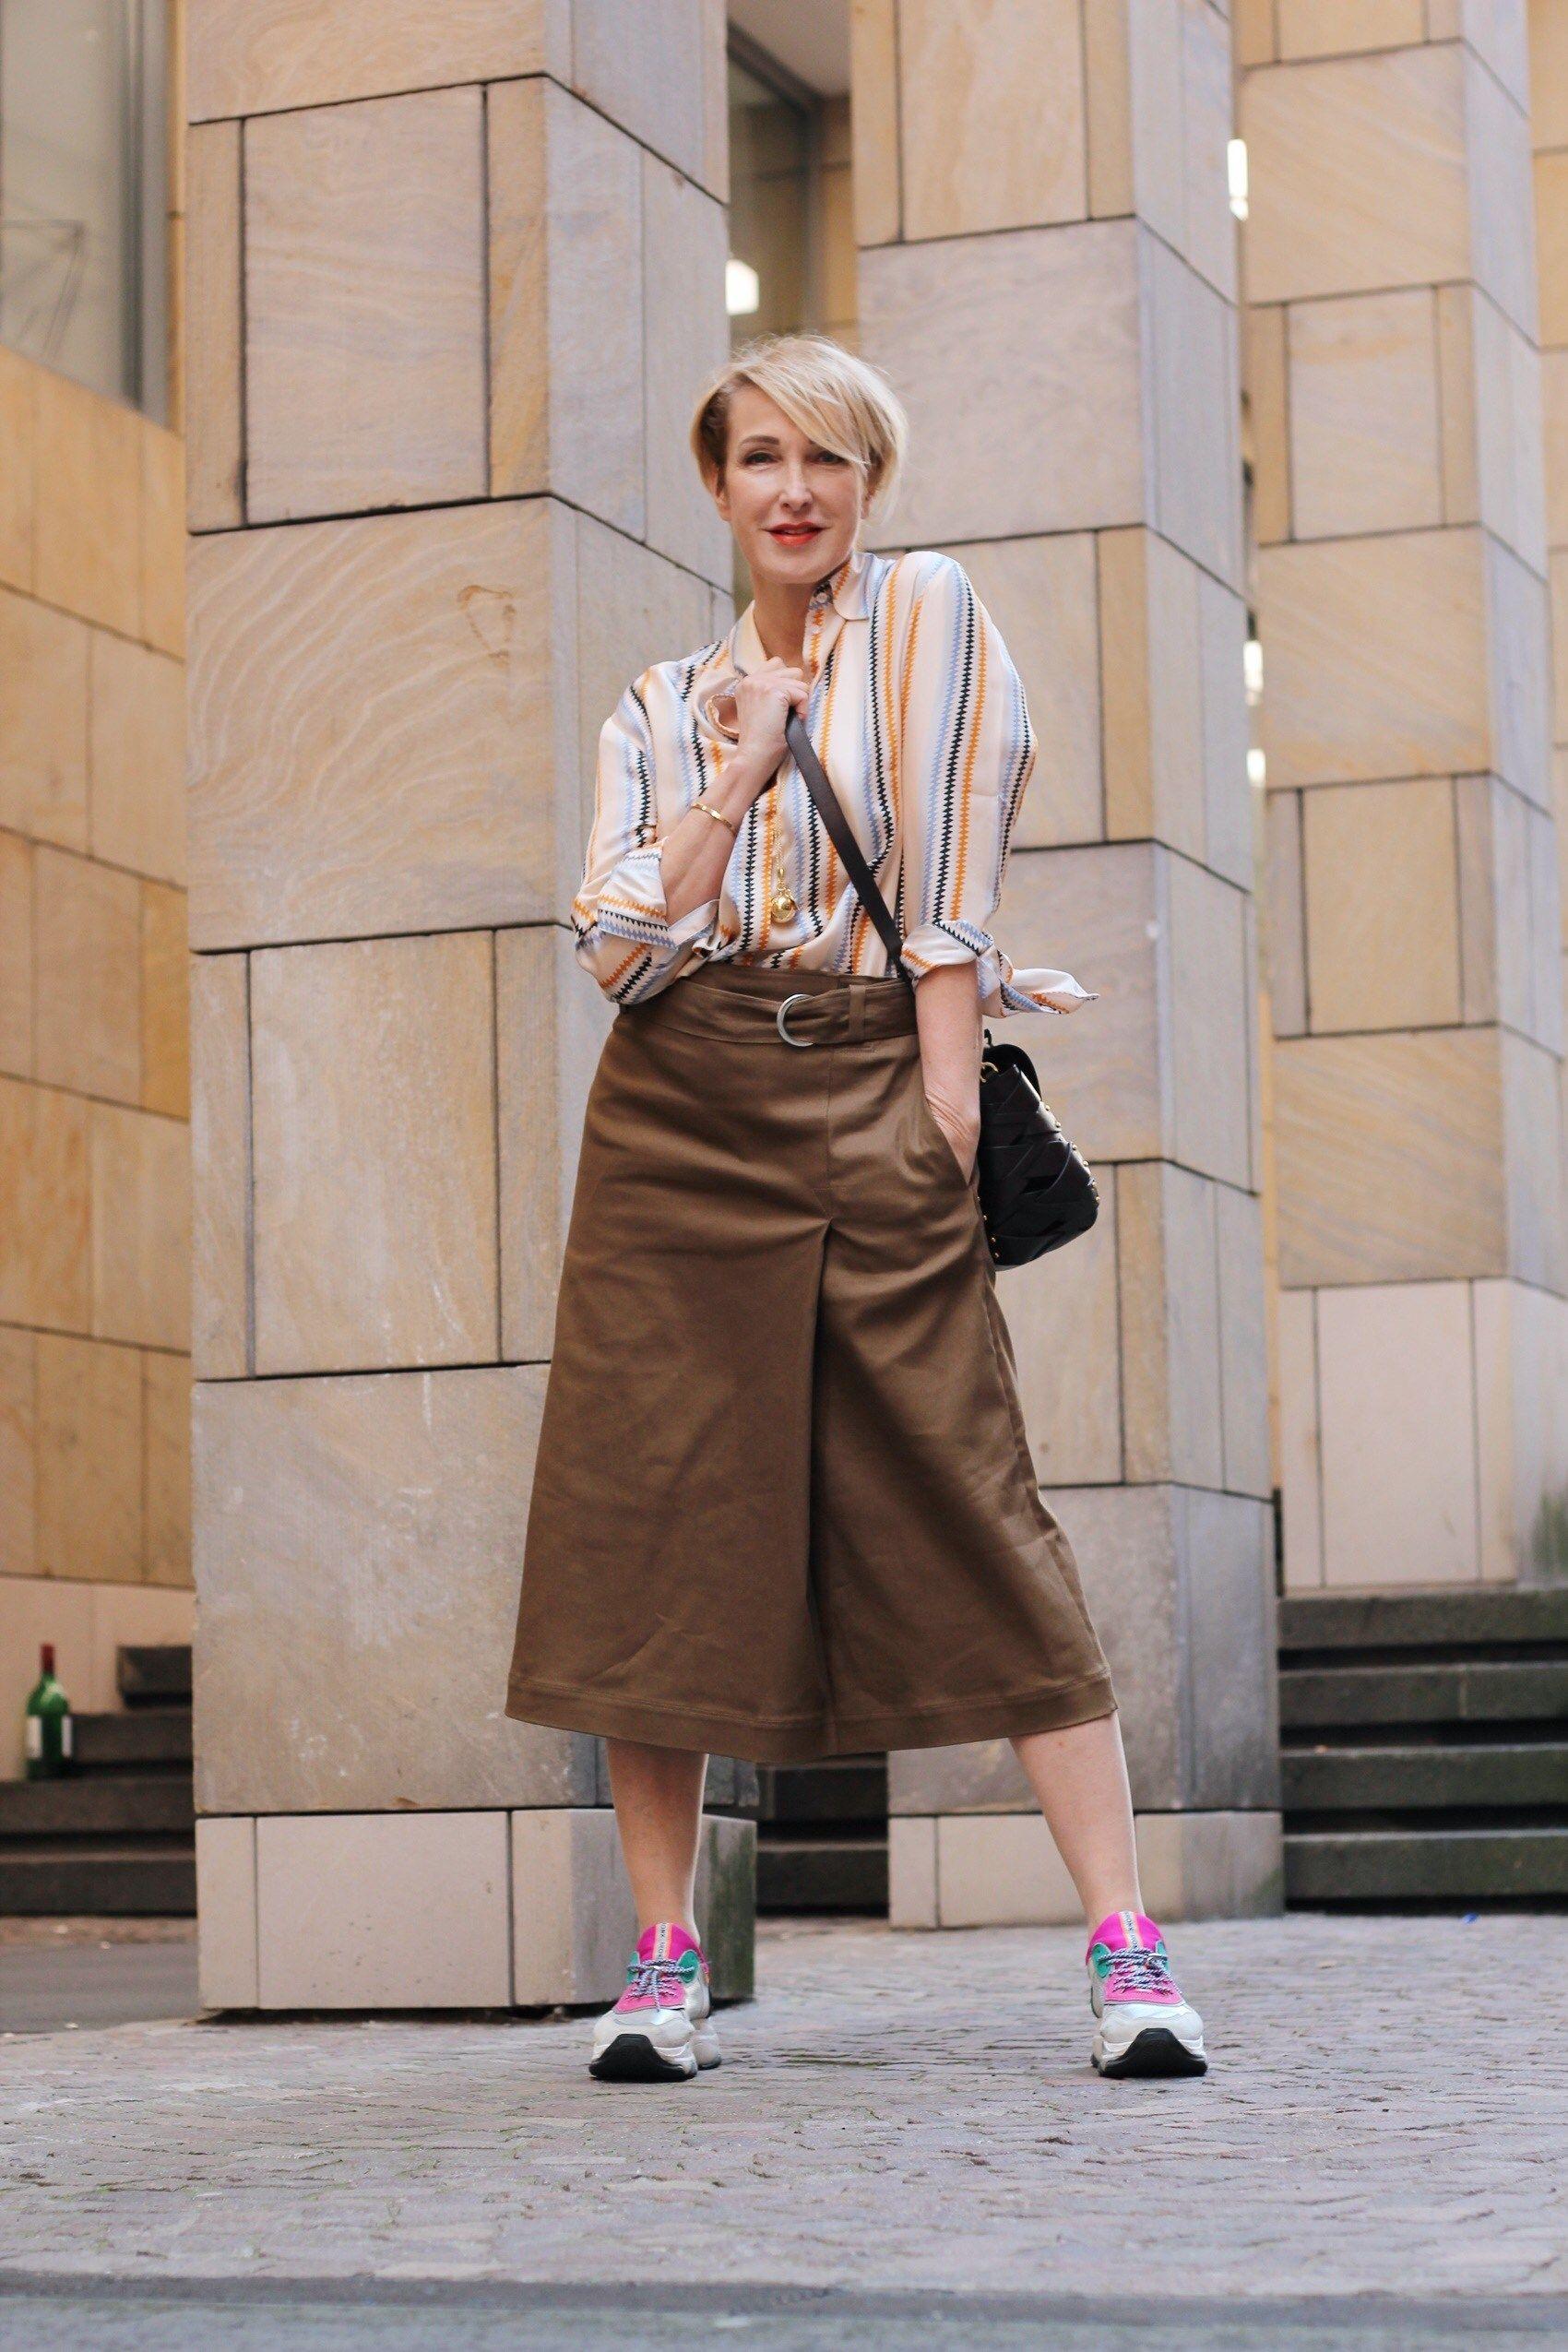 a315780a20d3 Die beliebtesten Röcke für den Sommer | off to office | Mode, Casual ...